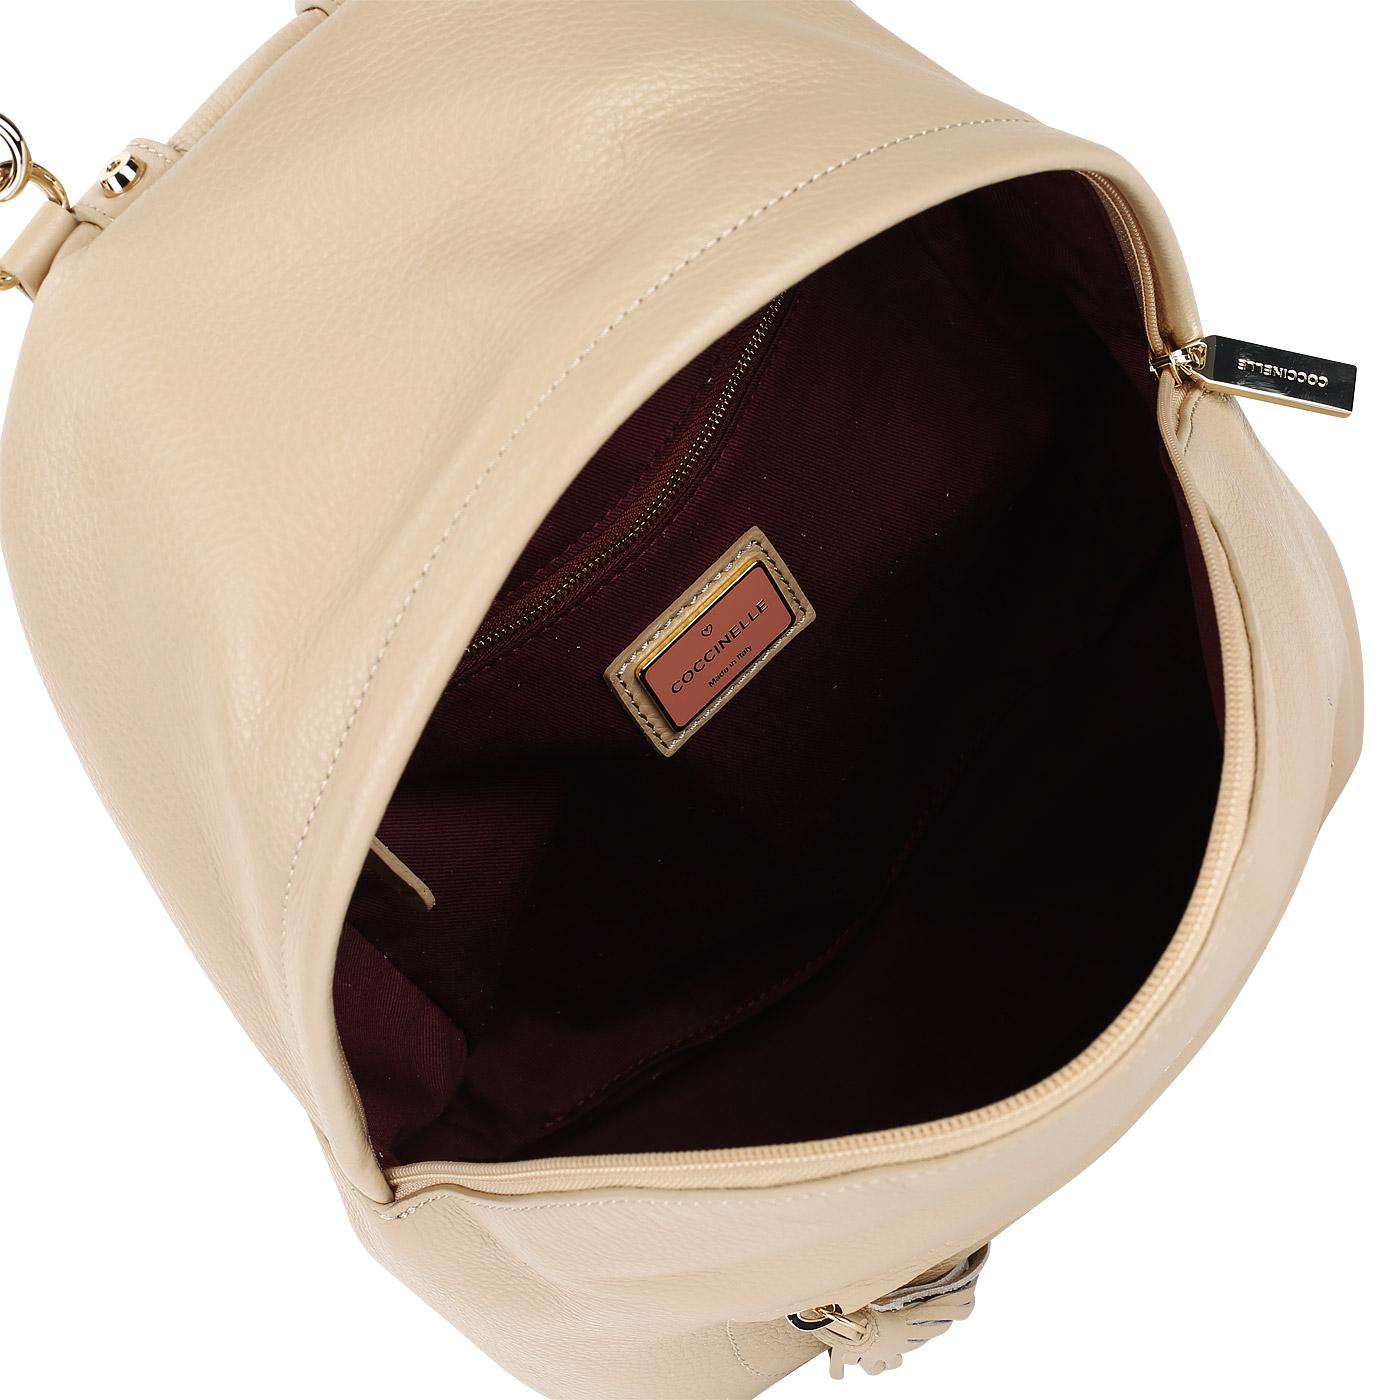 b981b5f62d2f ... Женский кожаный рюкзак с регулируемыми лямками Coccinelle Leonie ...